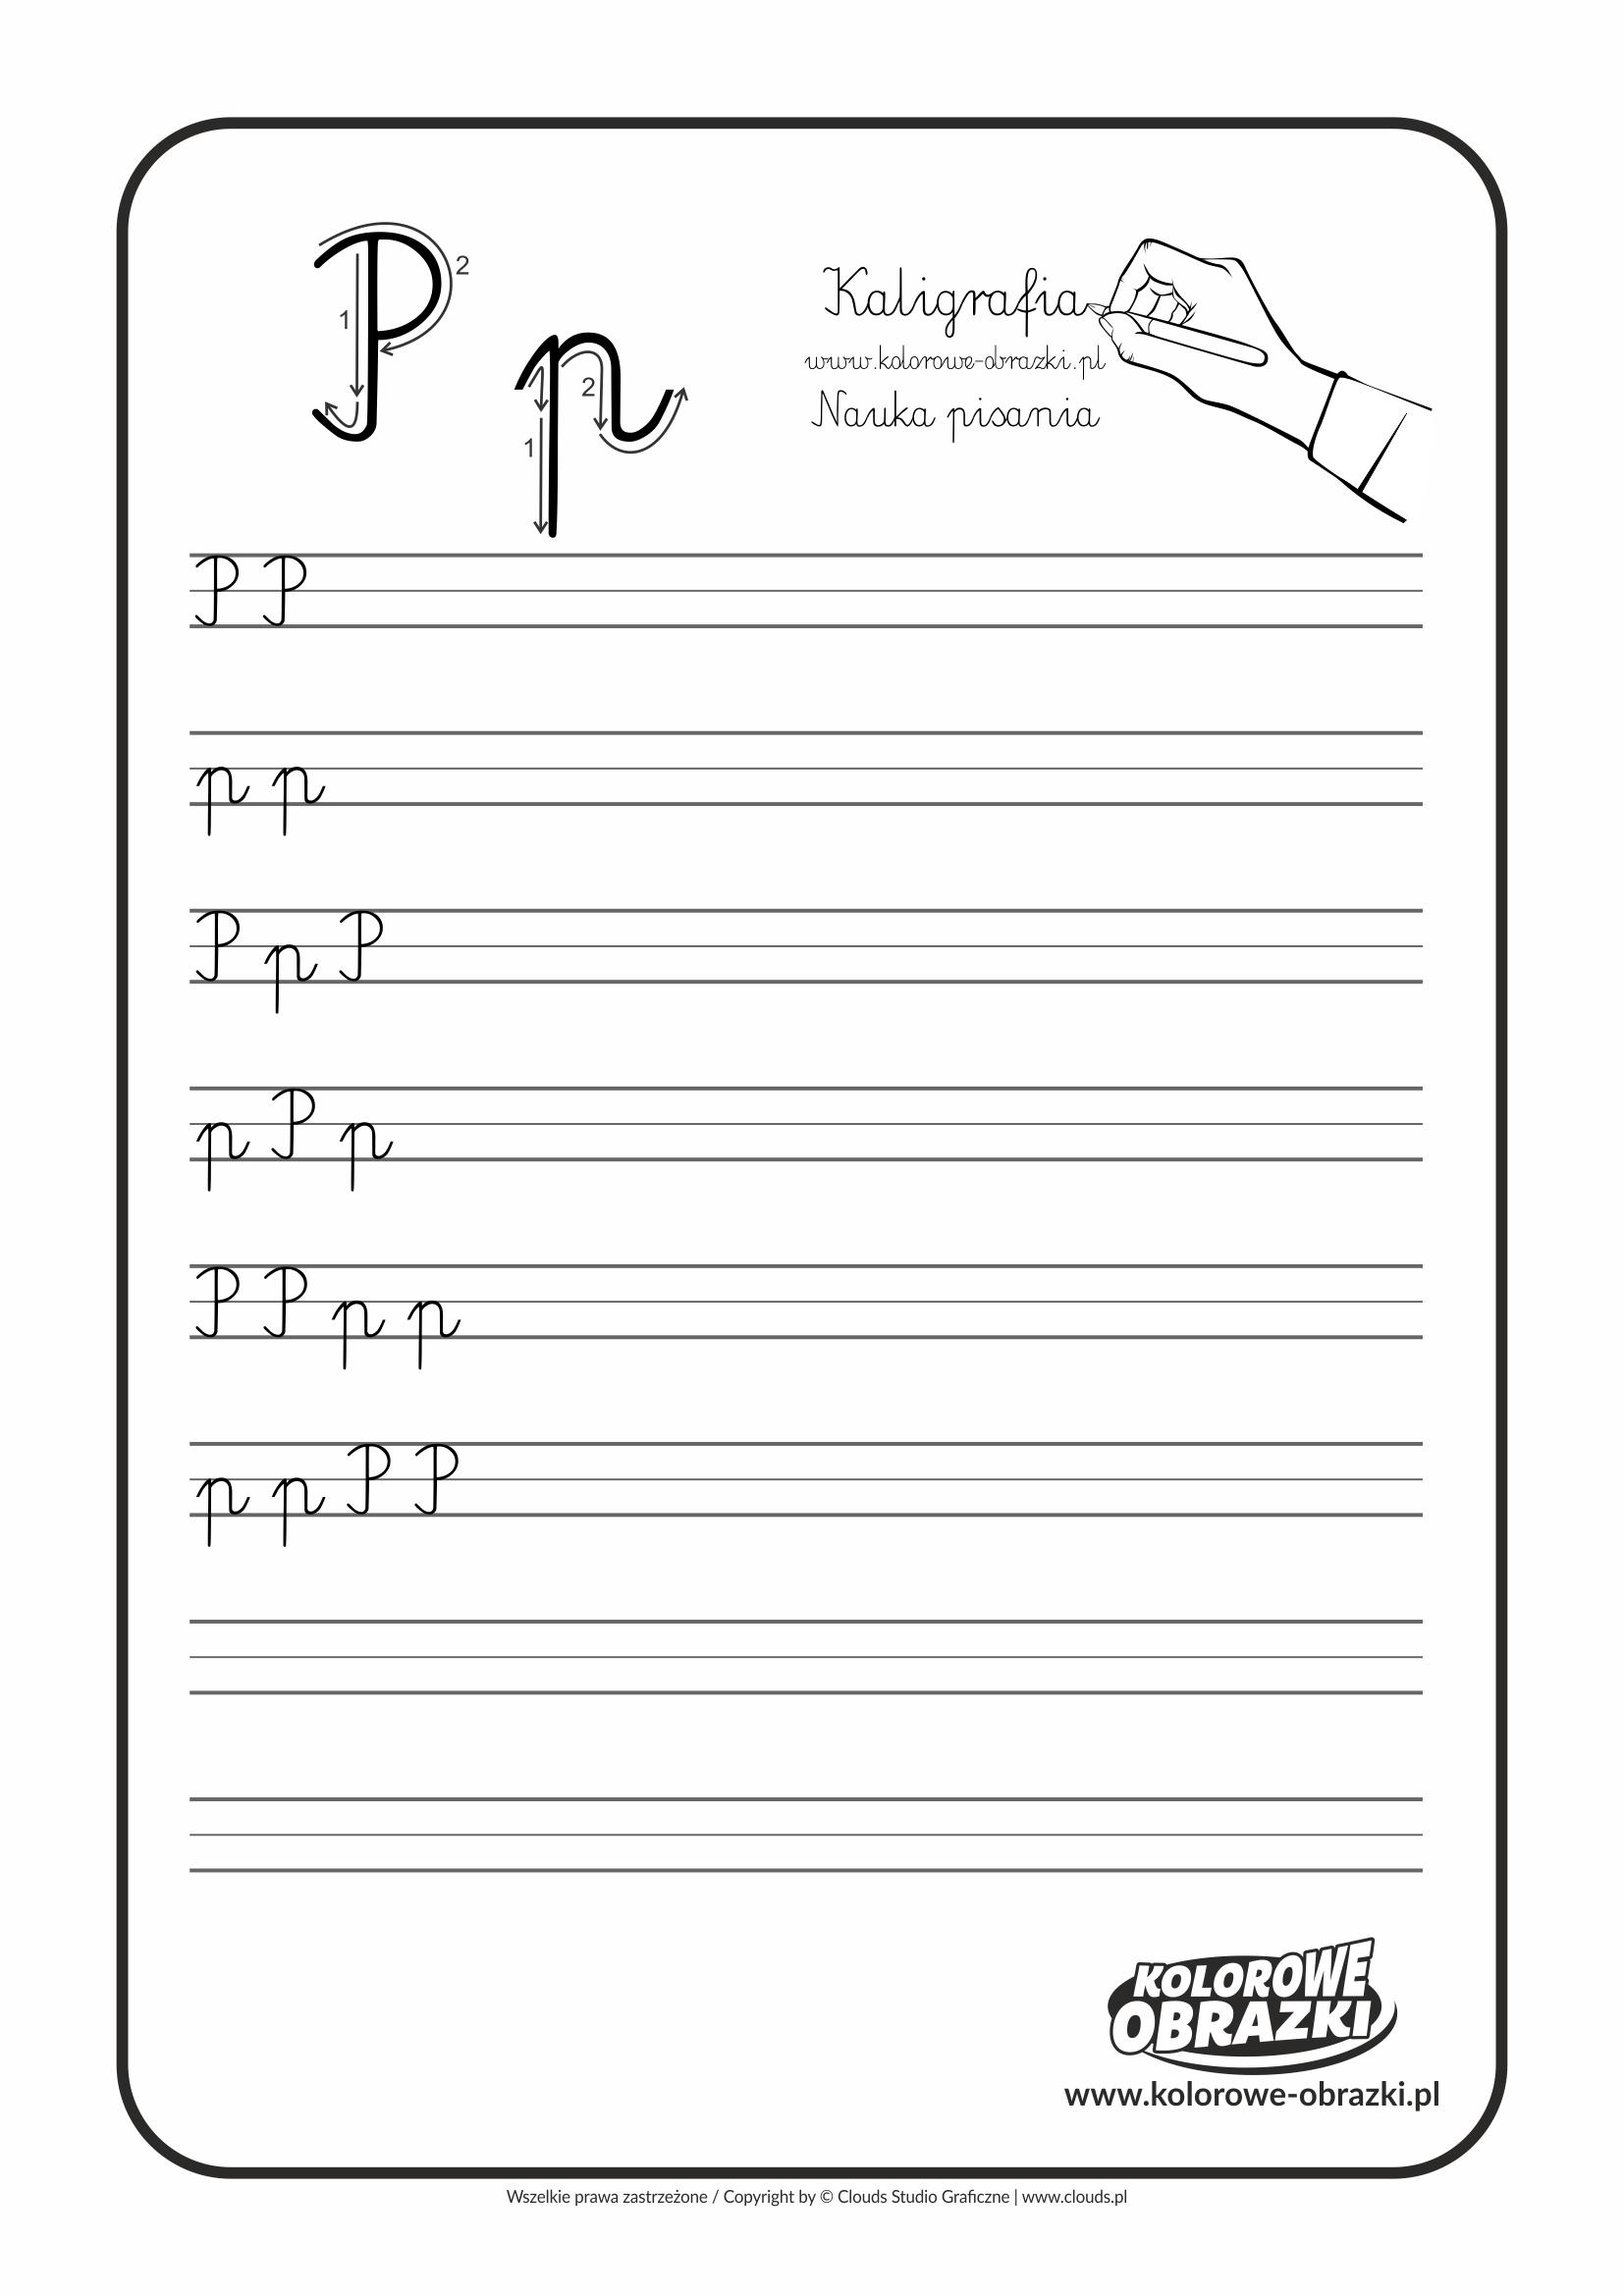 Kaligrafia dla dzieci - Ćwiczenia kaligraficzne / Litera P. Nauka pisania litery P